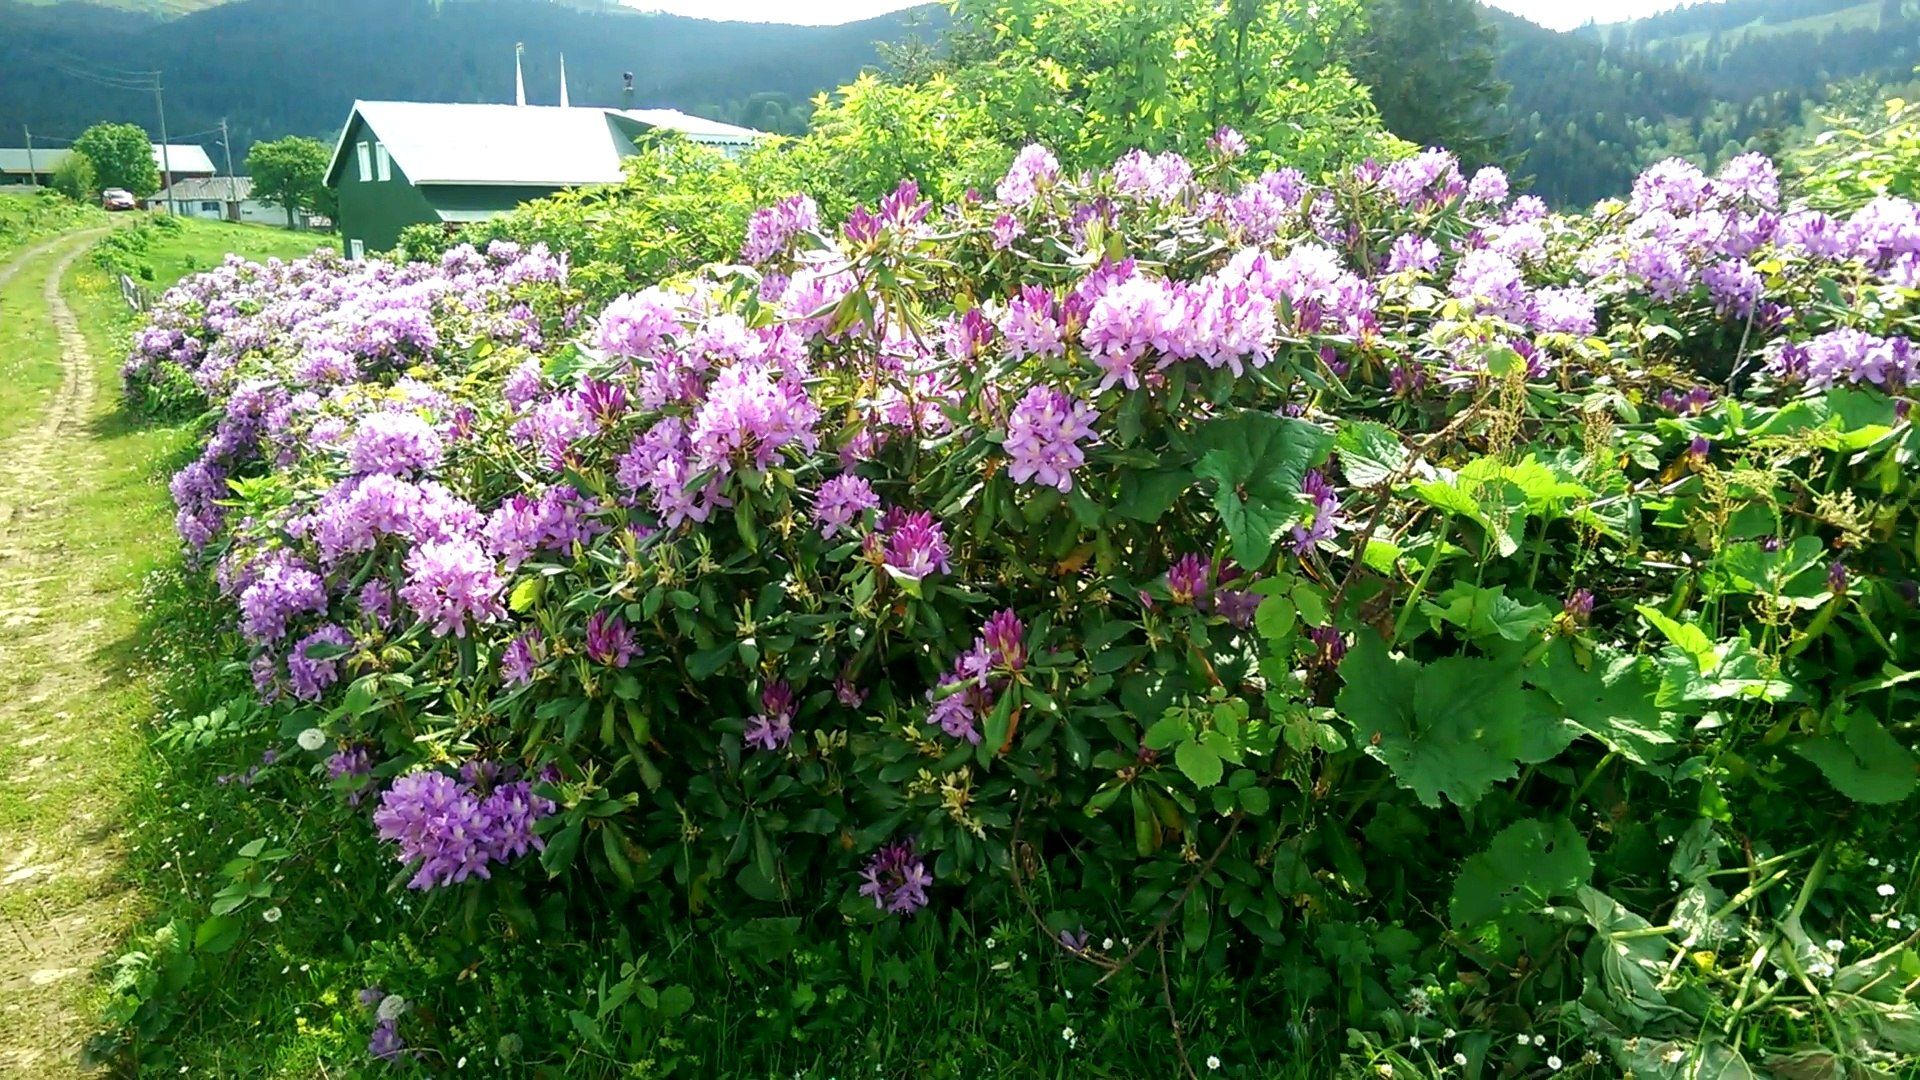 Mor Çiçekli Orman Gülüyle Beraber Yayla Manzarası (Komar Çiçeği) - Dailymotion Video